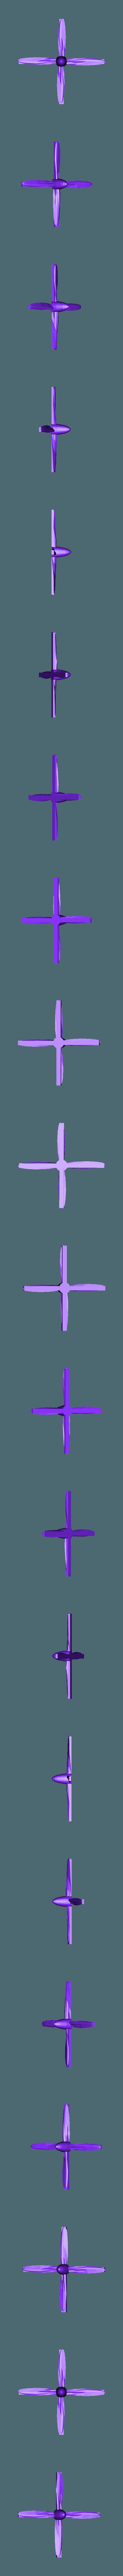 vint_40a.stl Download free STL file Antonov An-32 • Template to 3D print, AVIZO